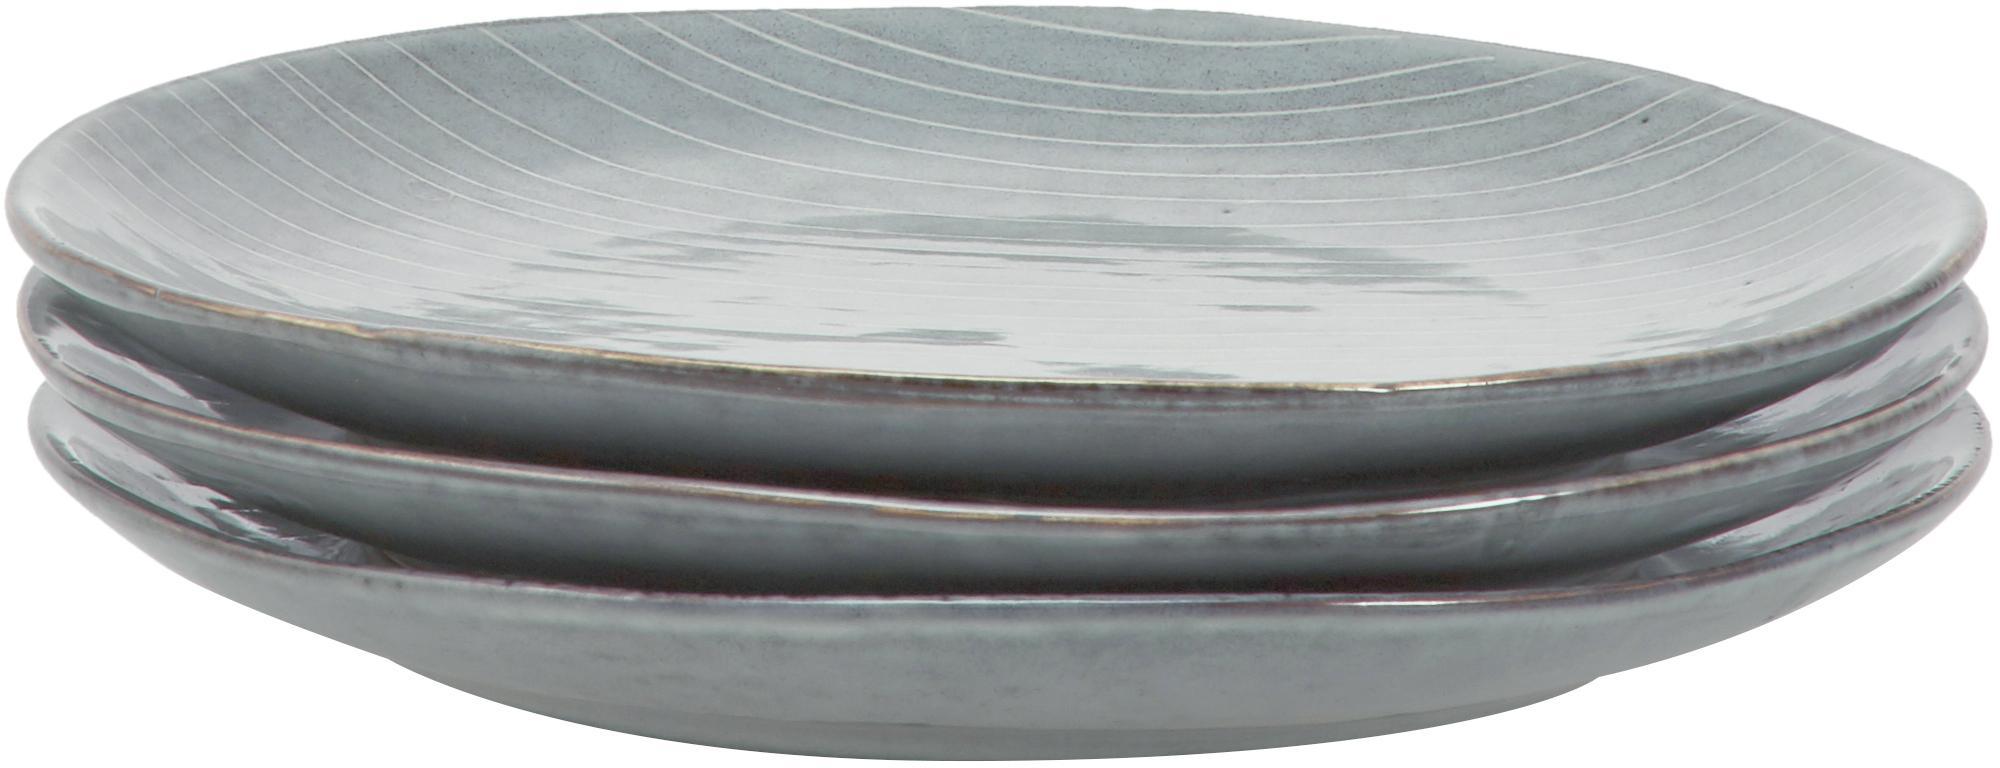 Ręcznie wykonany komplet naczyń śniadaniowych z kamionki Nordic Sea, 12 elem., Kamionka, Szary, niebieski, Komplet z różnymi rozmiarami